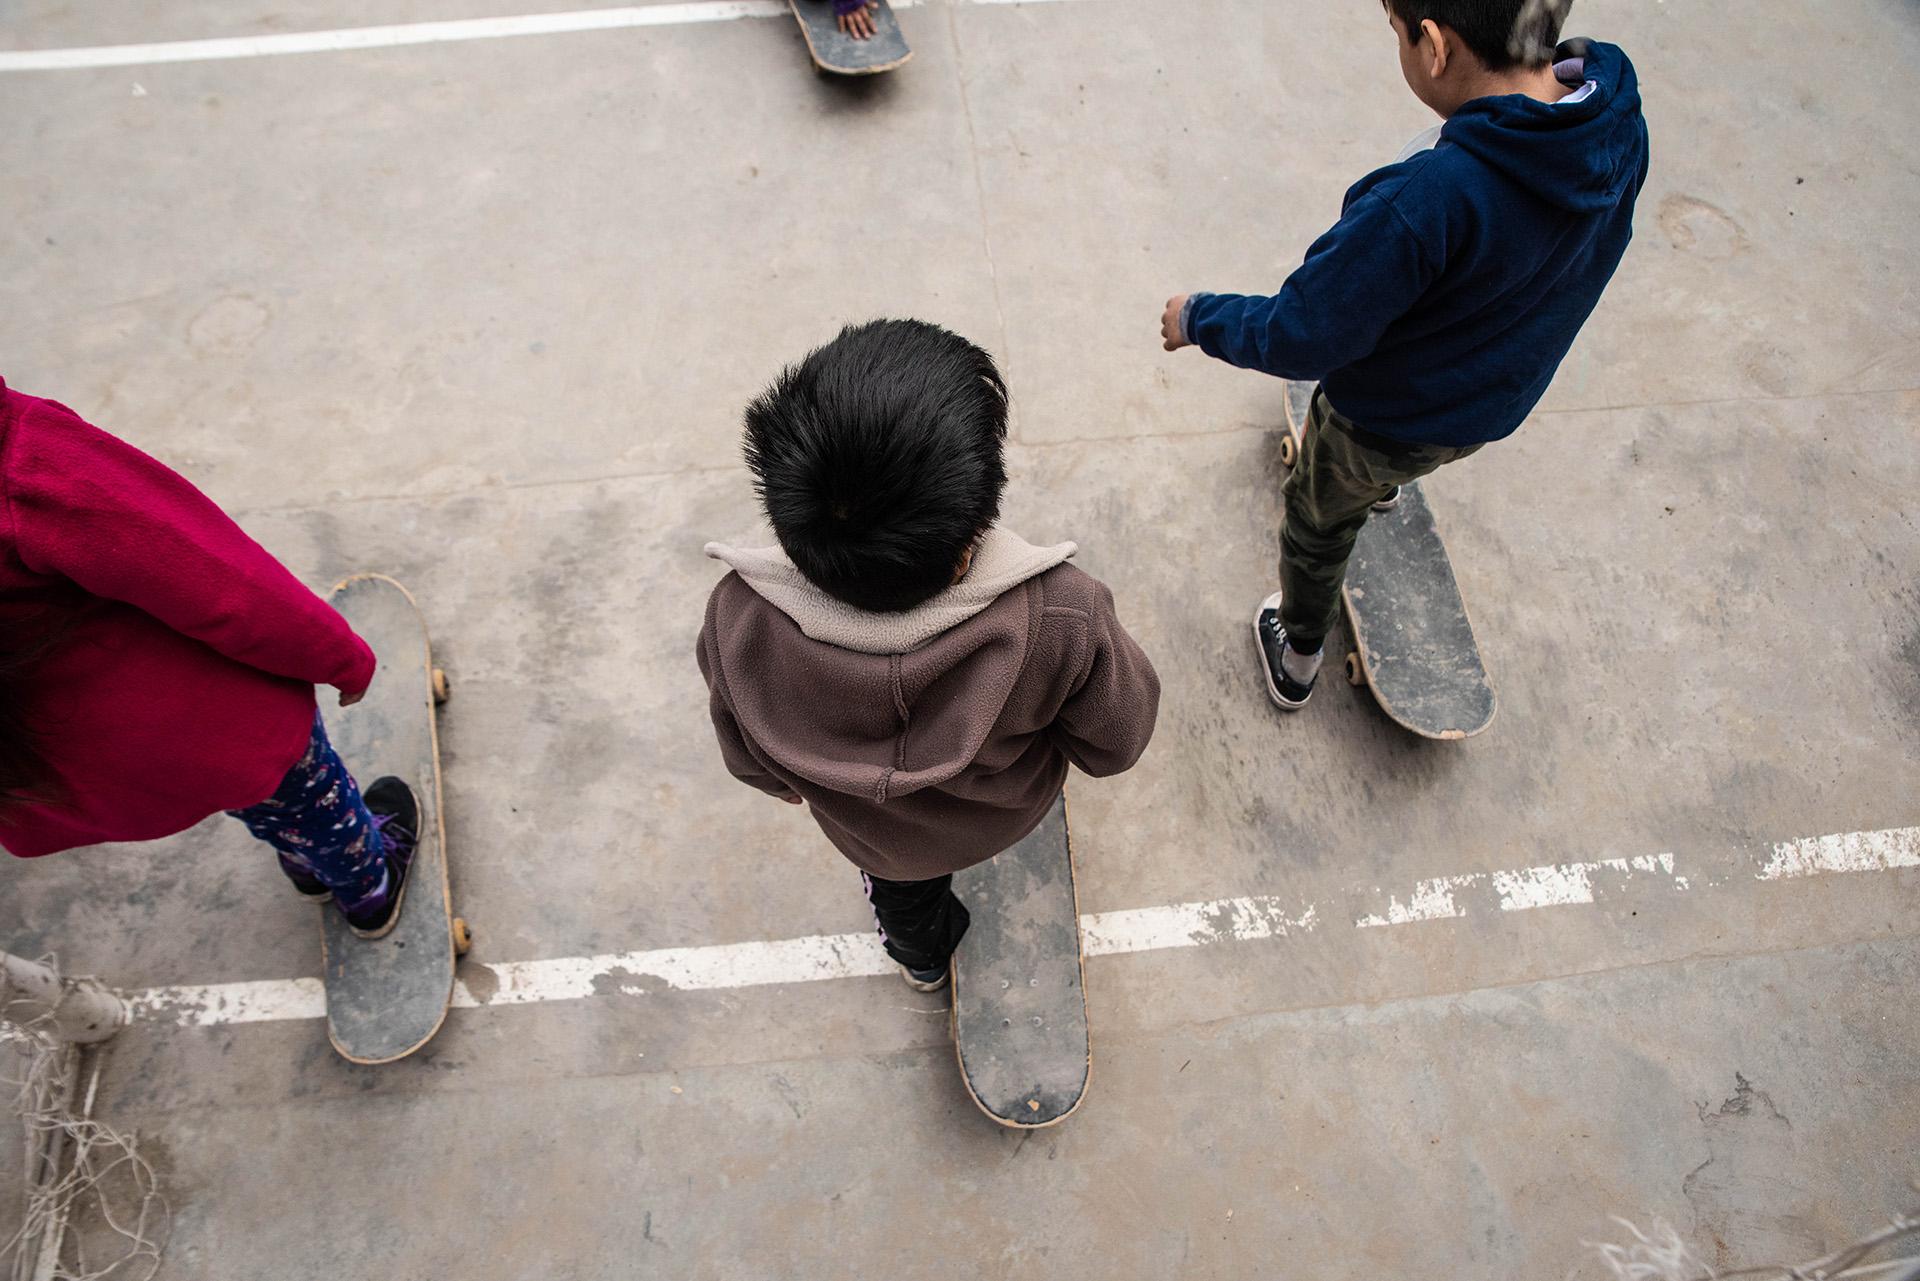 """También, buscan """"afianzar el aprendizaje escolar y promover el desarrollo artístico de los niños, niñas y adolescentes que participan a través del skate"""", además de """"contribuir a una mejor calidad de vida de los vecinos del barrio"""""""